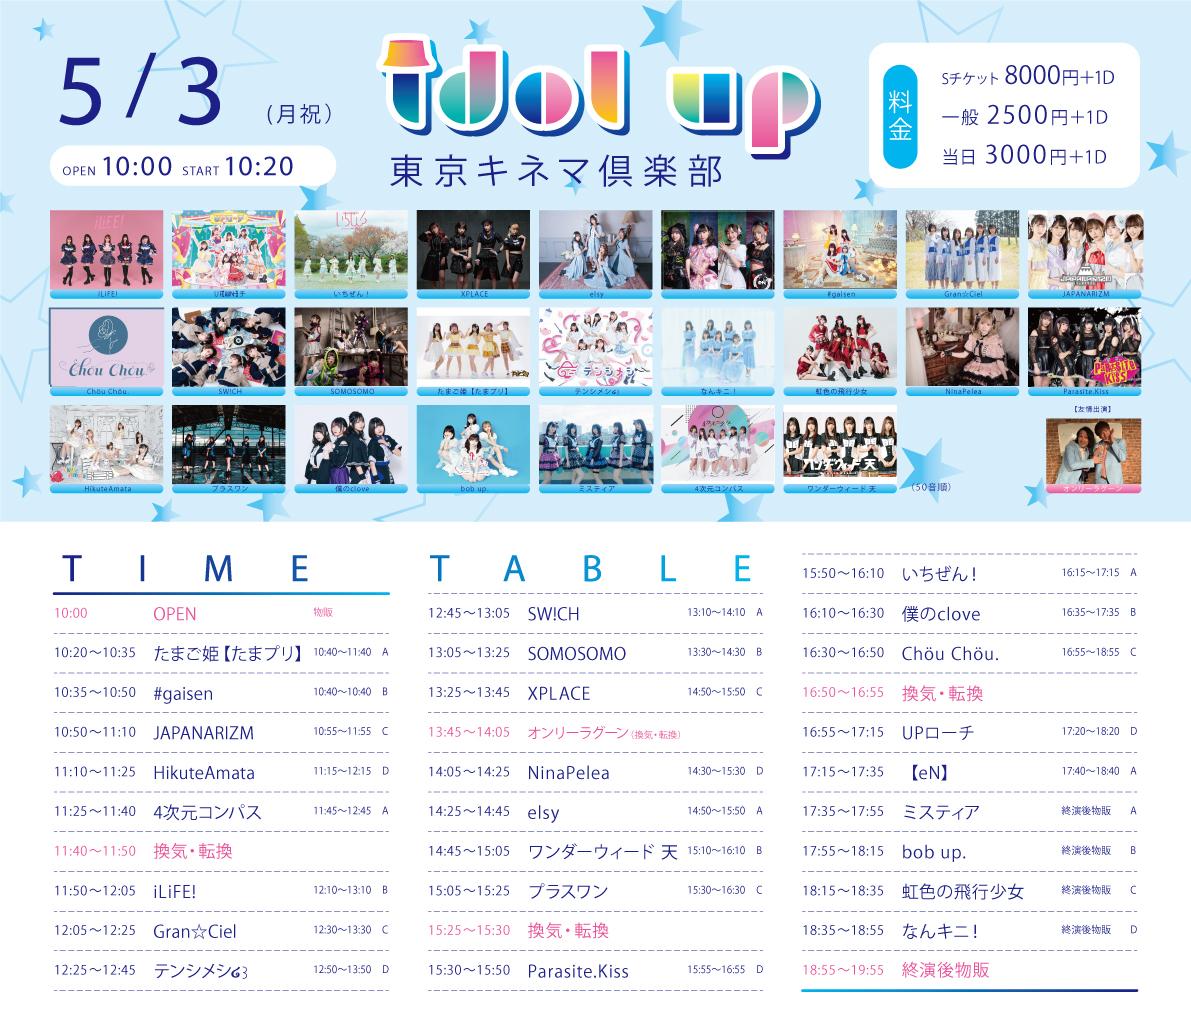 2021/5/3(月祝) 『idol up』東京キネマ倶楽部